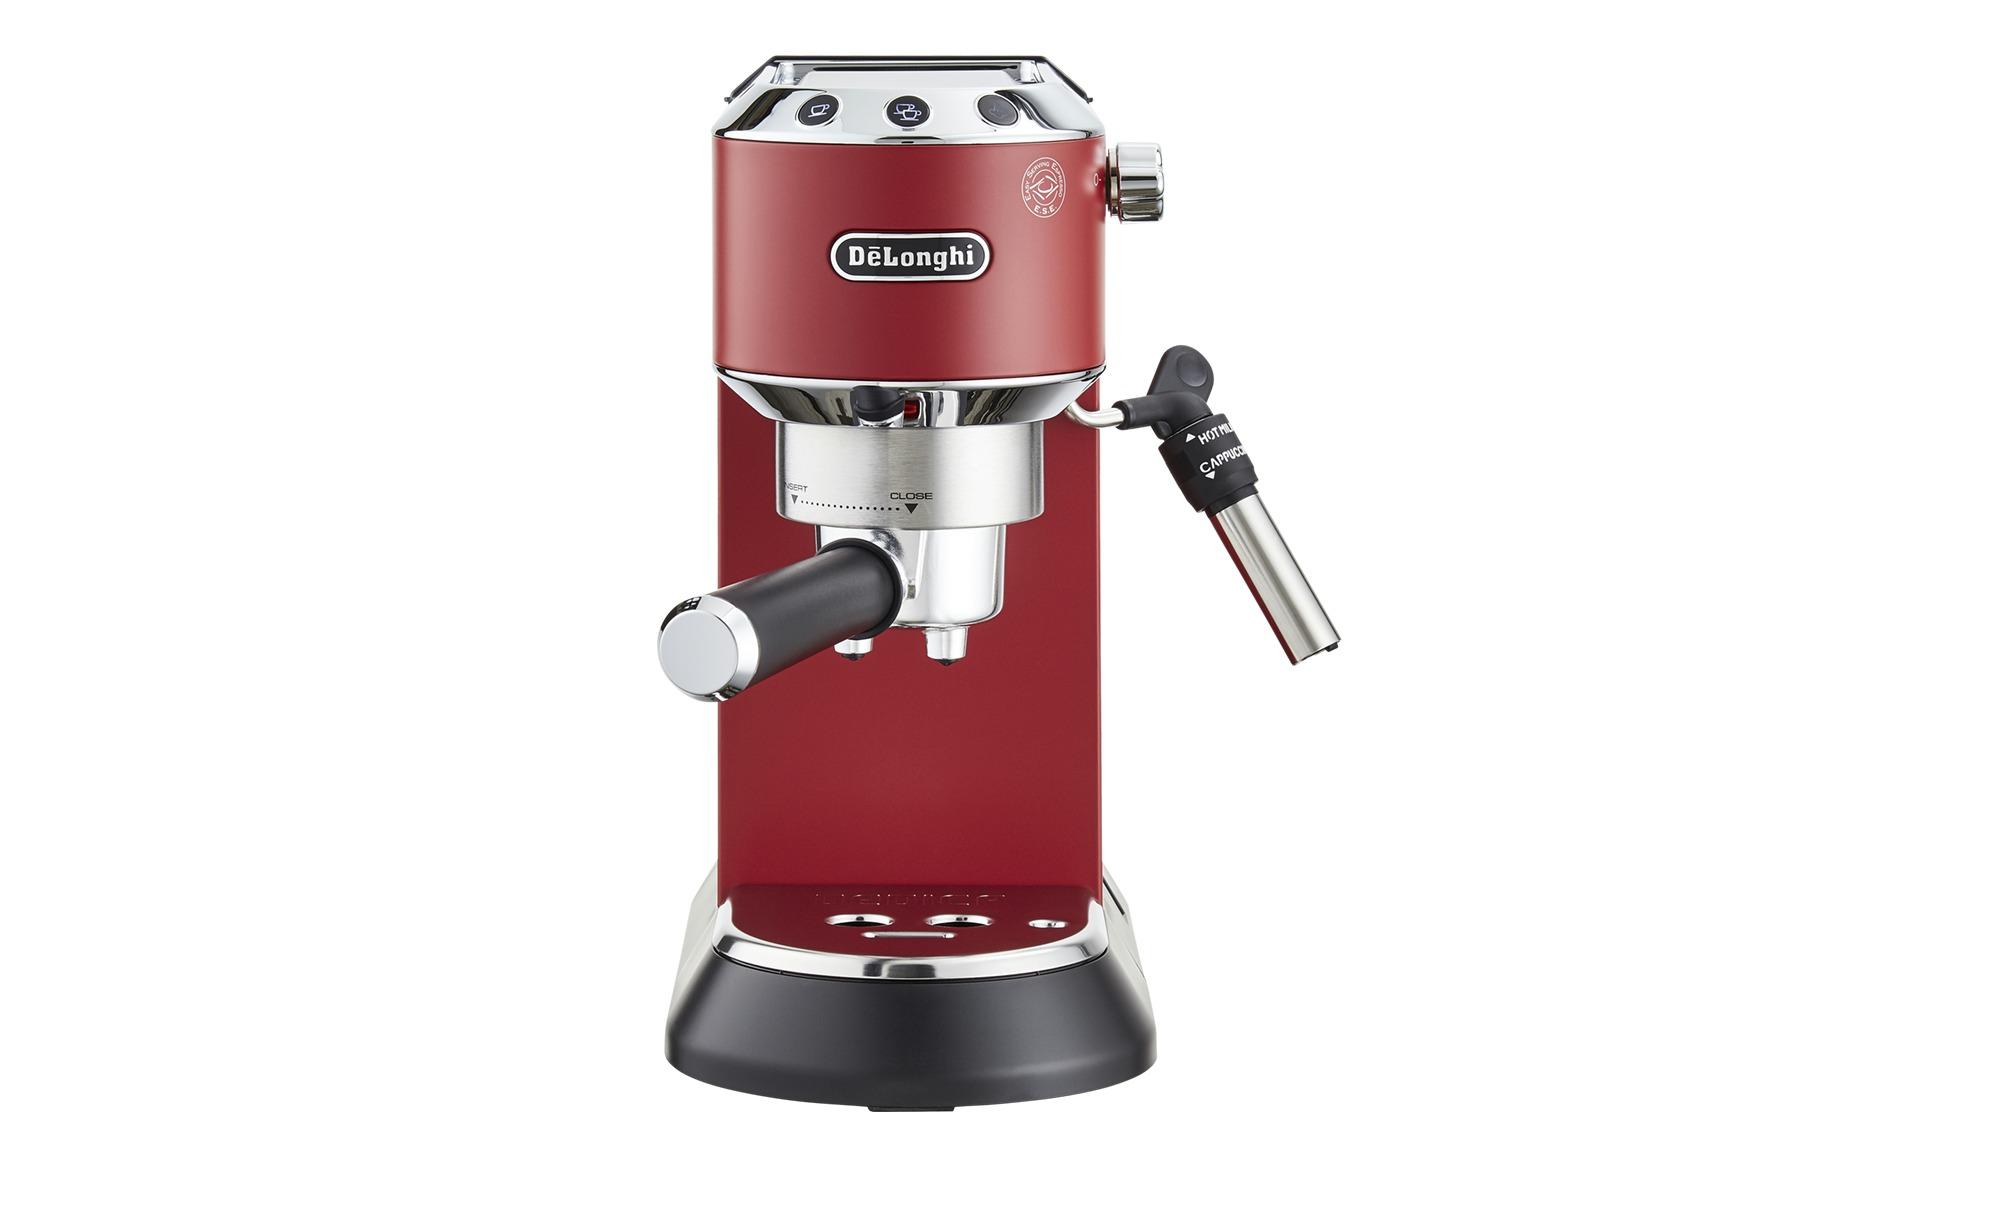 DeLonghi Espresso-Maschine  EC 685.R Dedica ¦ rot ¦ Kunststoff, Metall-lackiert, Metall ¦ Maße (cm): B: 14,9 H: 30,5 T: 33 Elektrokleingeräte > Kaffee & Espressomaschinen - Höffner | Küche und Esszimmer > Kaffee und Tee > Espressomaschinen | Rot | Metall | Möbel Höffner DE